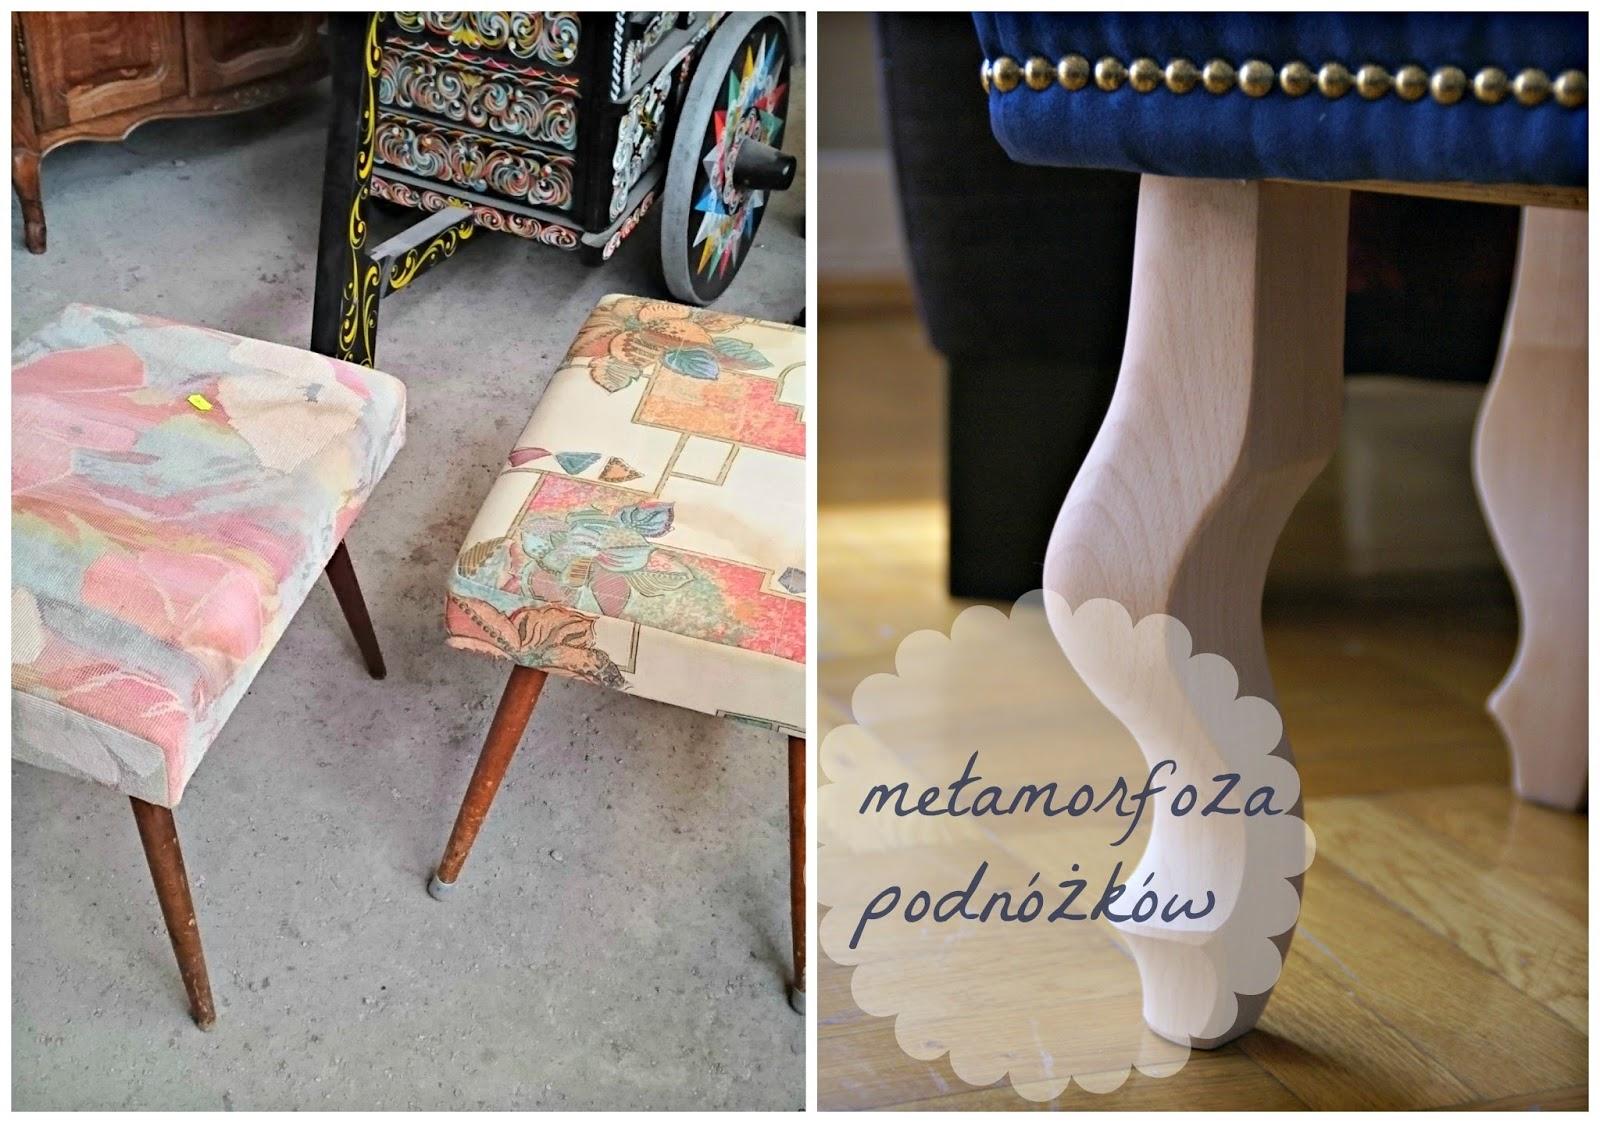 Metamorfoza podnóżków, czyli tapicerowanie dla żółtodziobów